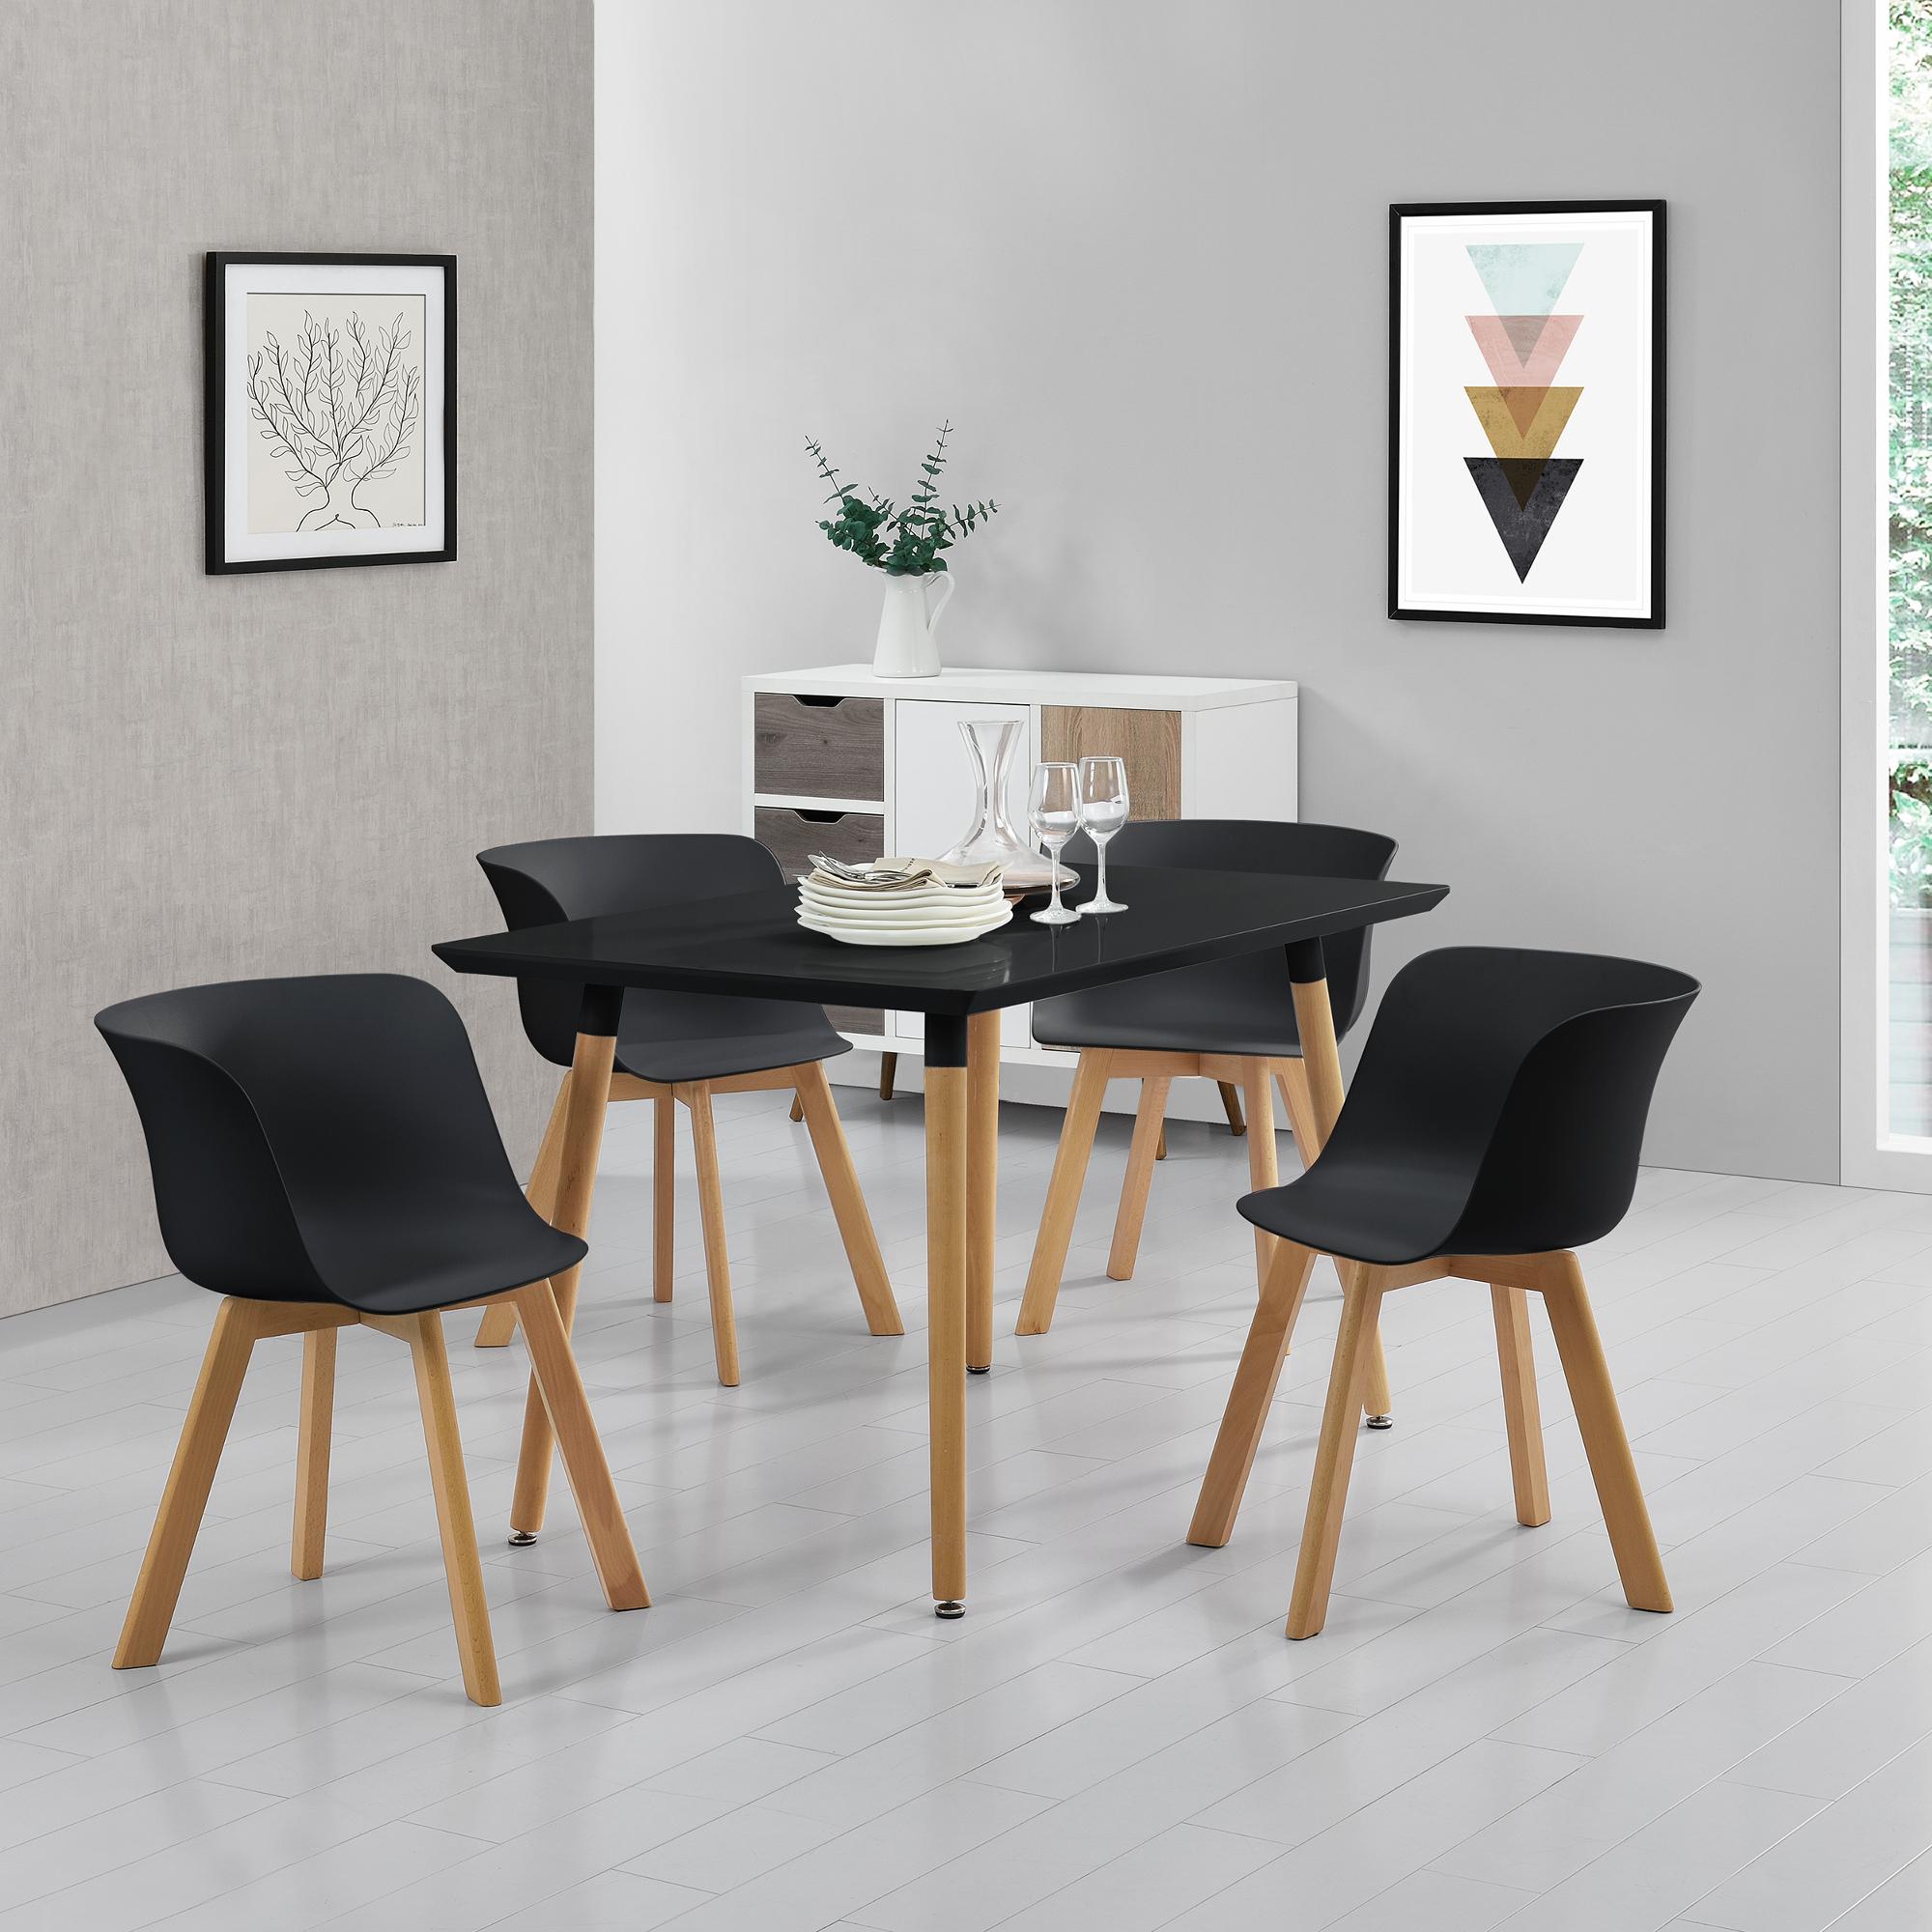 Tavolo da pranzo 4 sedie nere 120x70cm tavolo cucina tavolo pranzo ebay - Tavolo cucina 120 x 70 ...